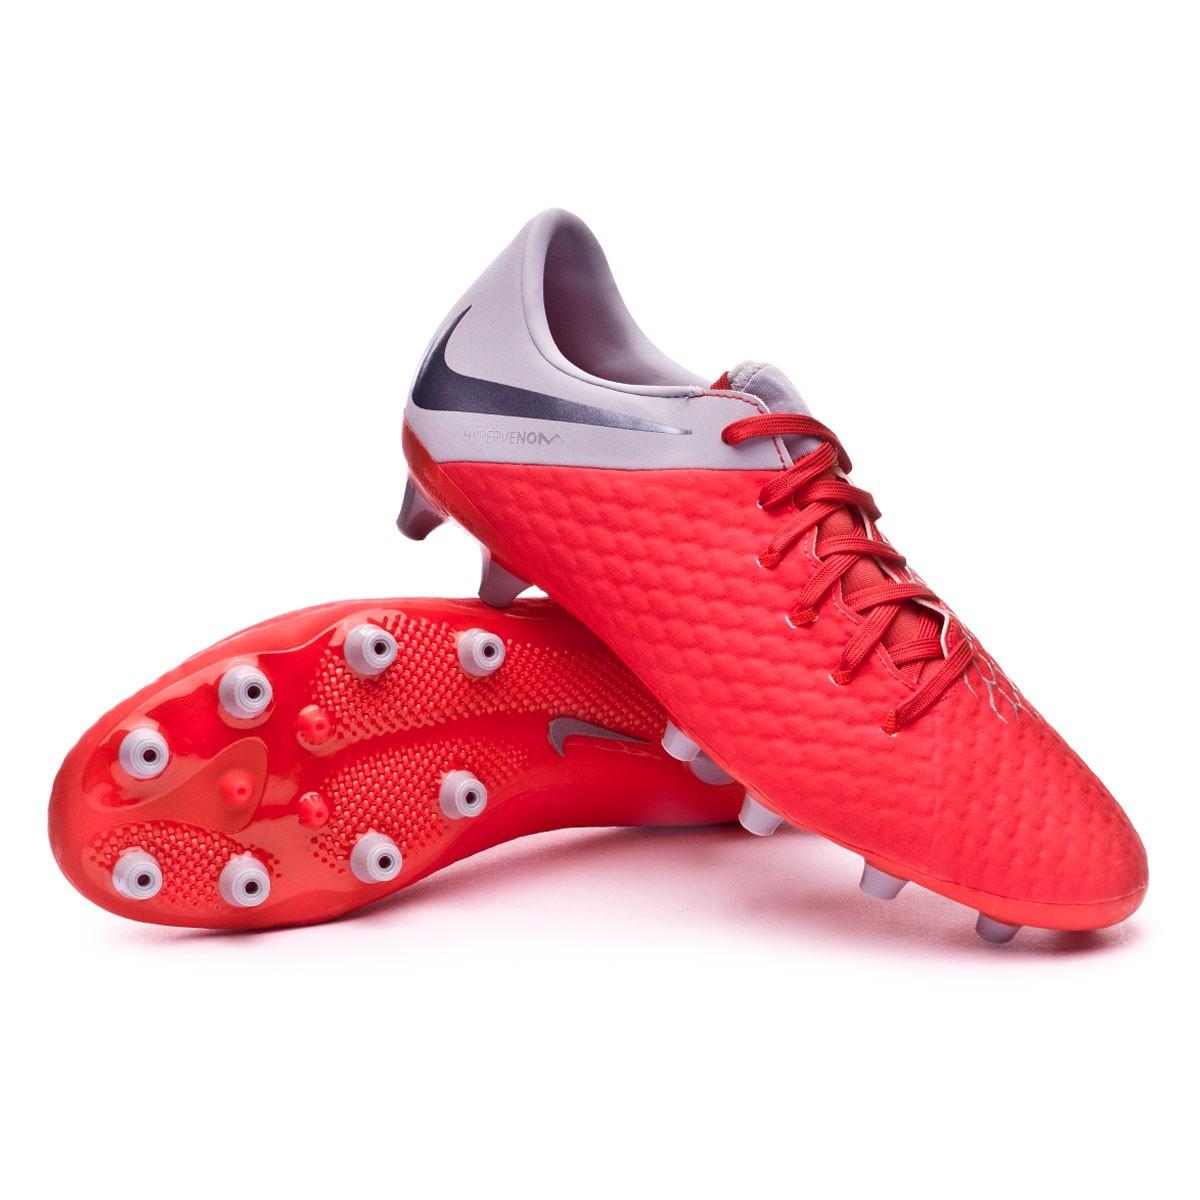 best service ec964 6415b Nike Hypervenom Phantom III Academy AG-Pro Football Boots